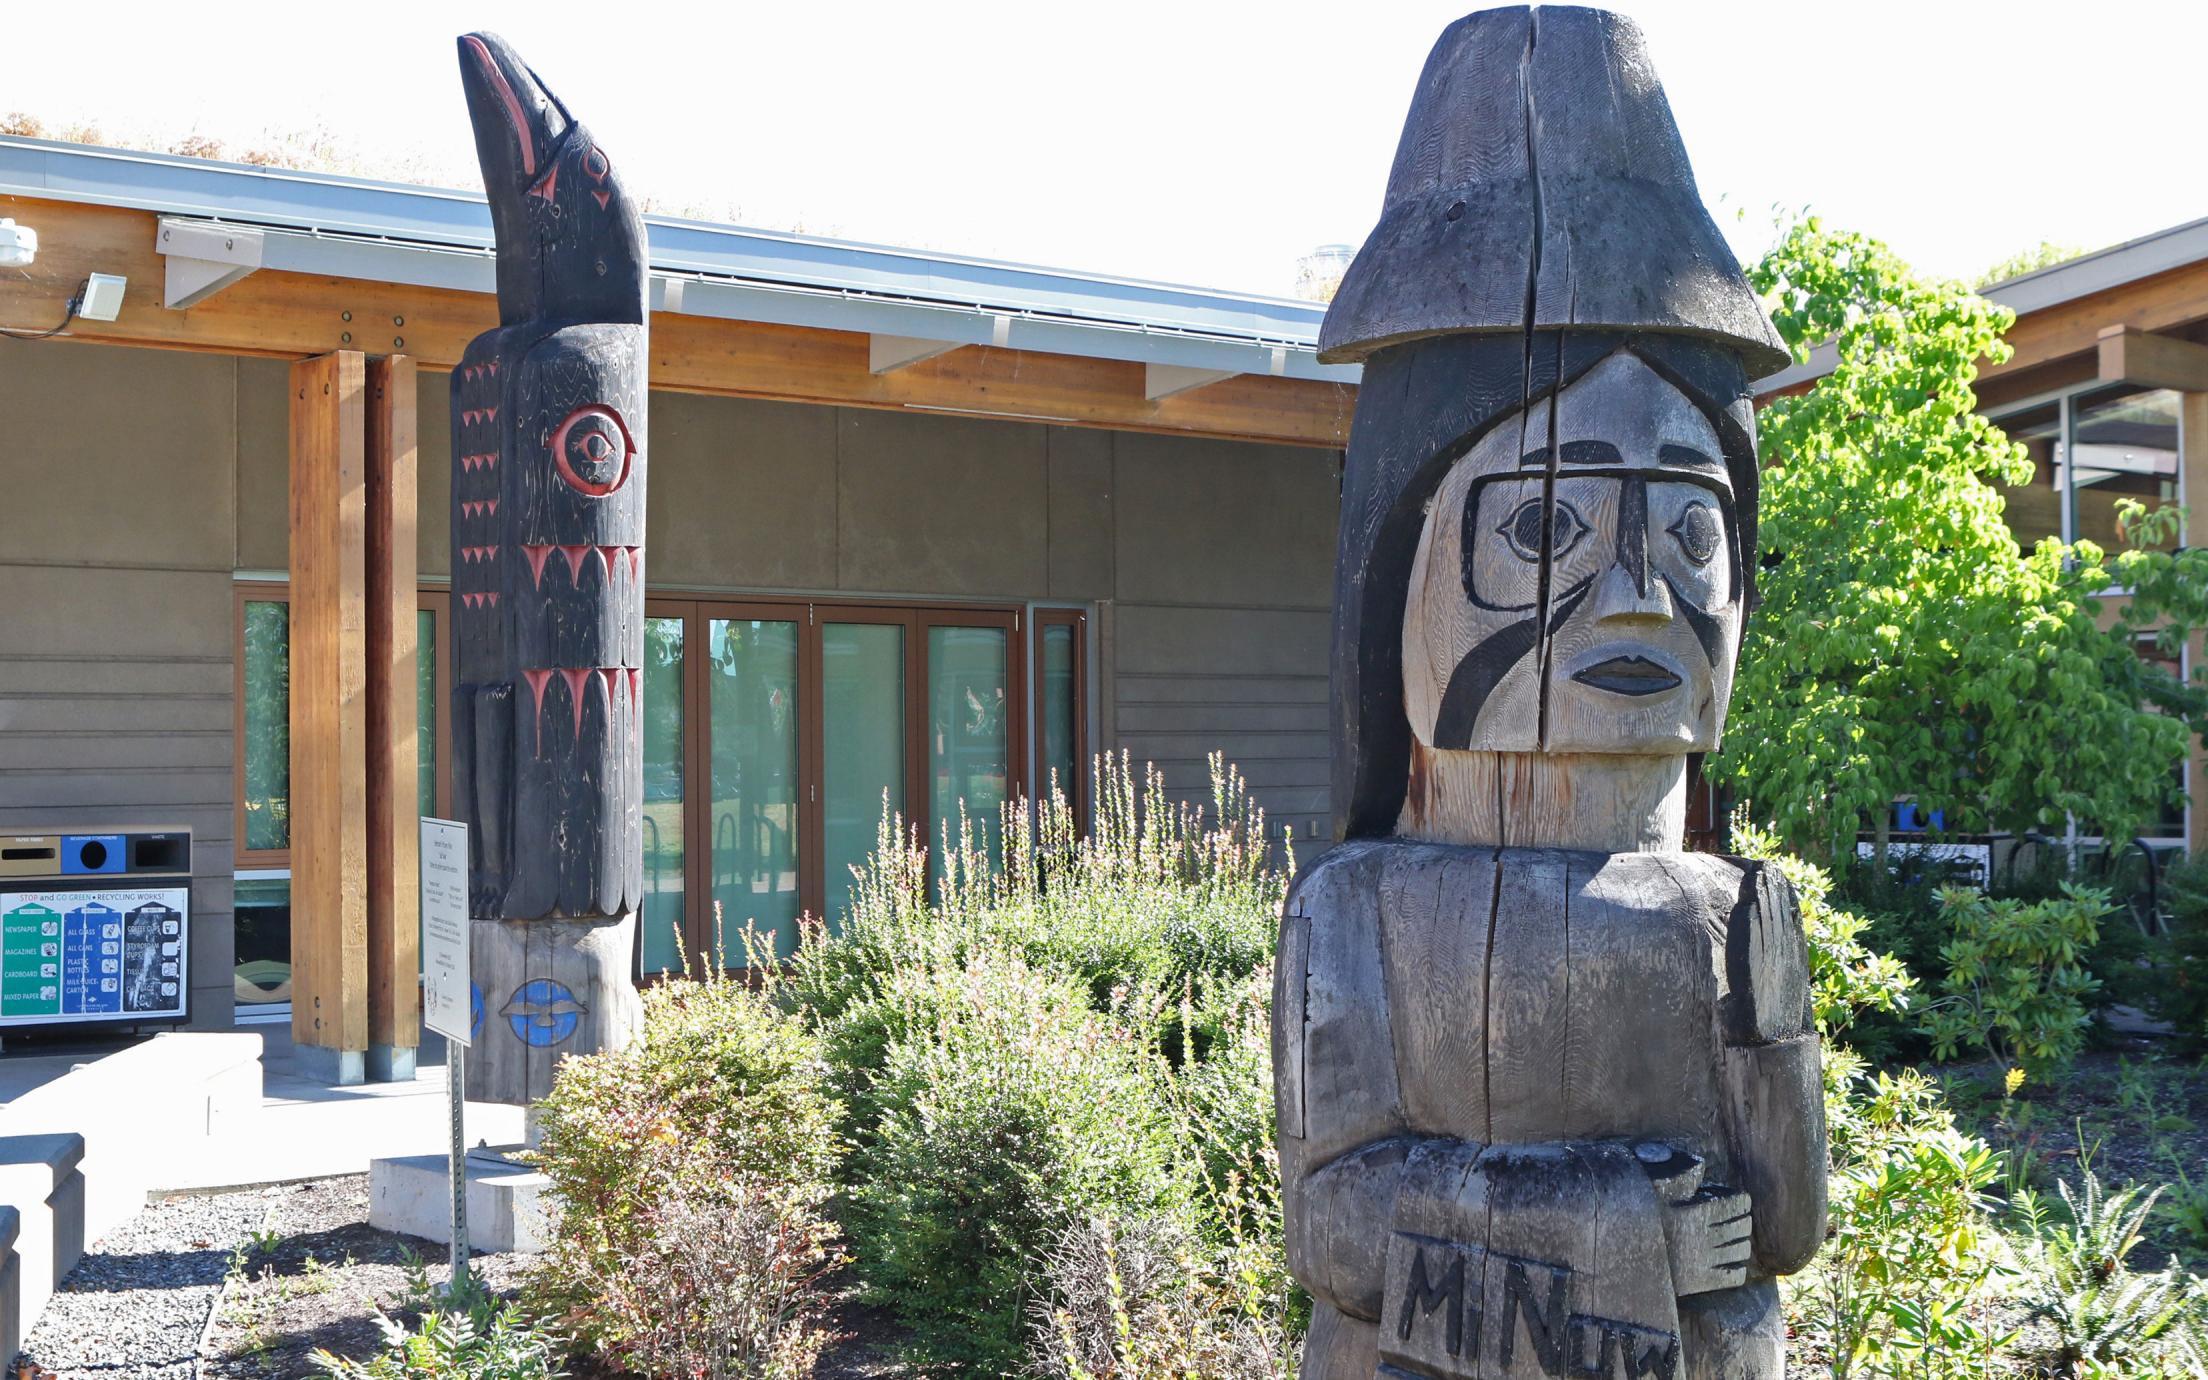 VIU Cowichan Campus Totem Poles